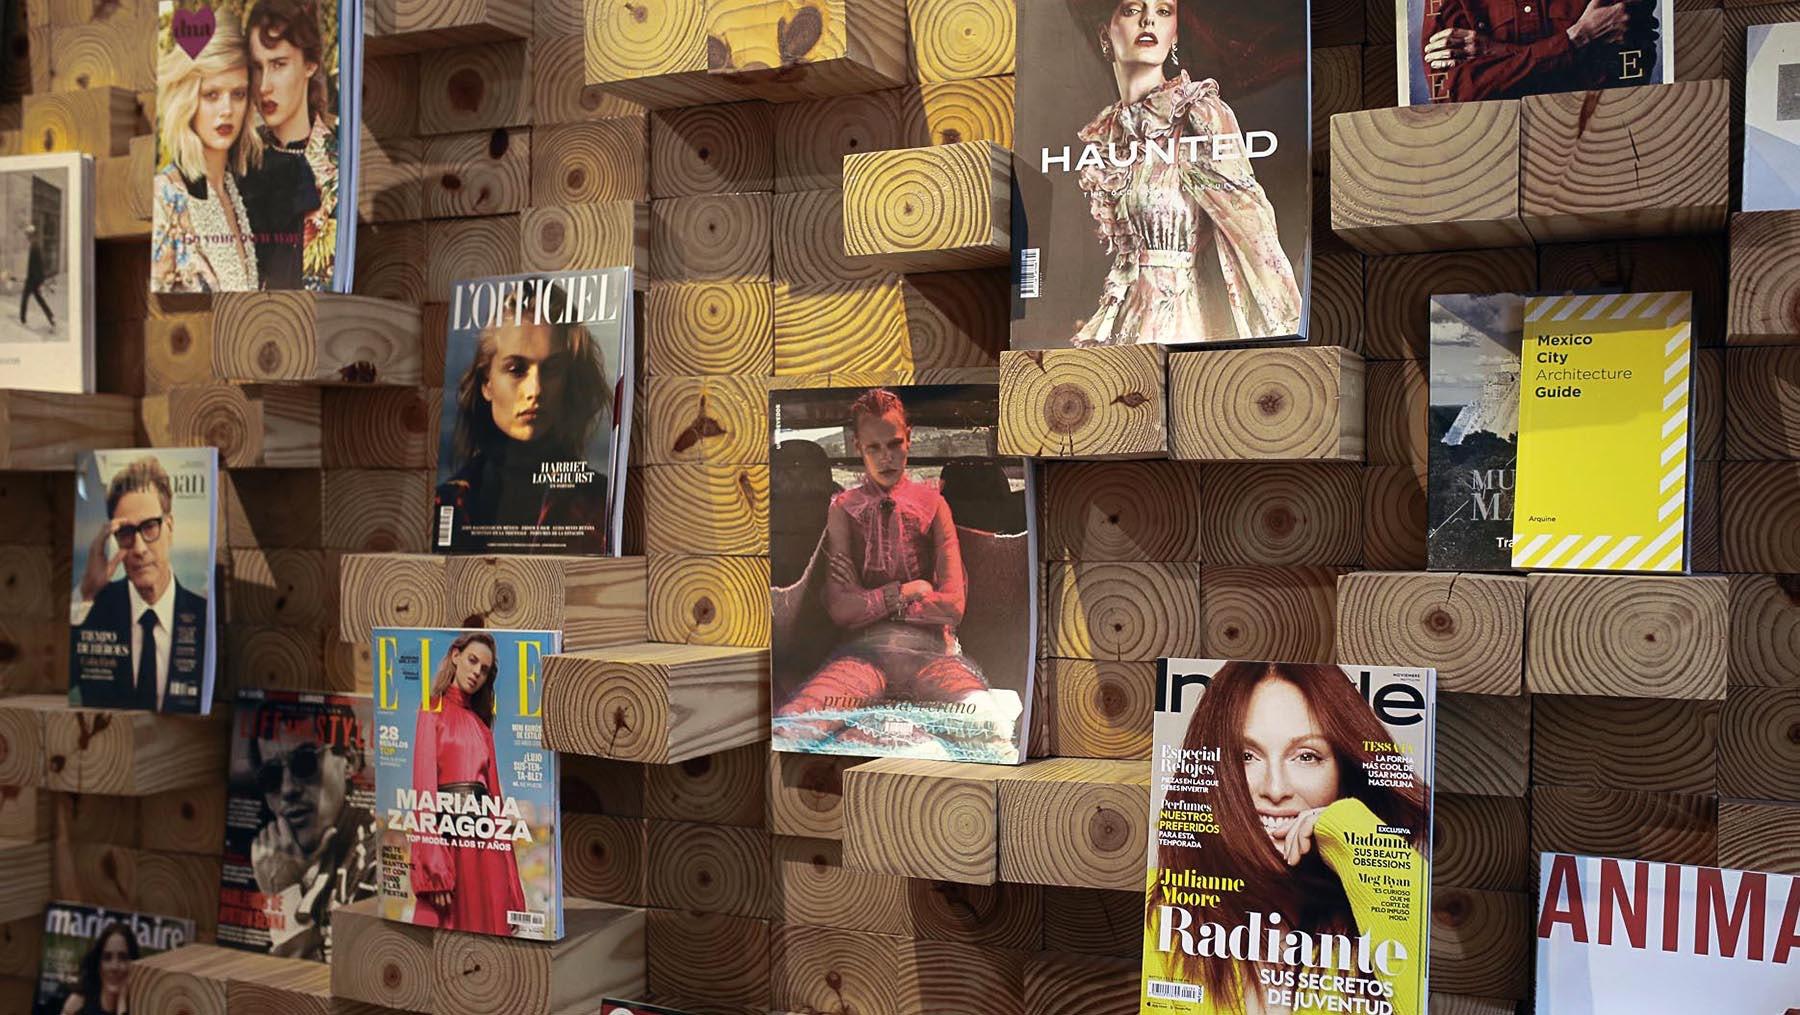 Casa Bosques Bookshop in Mexico City   Photo: Izack Morales